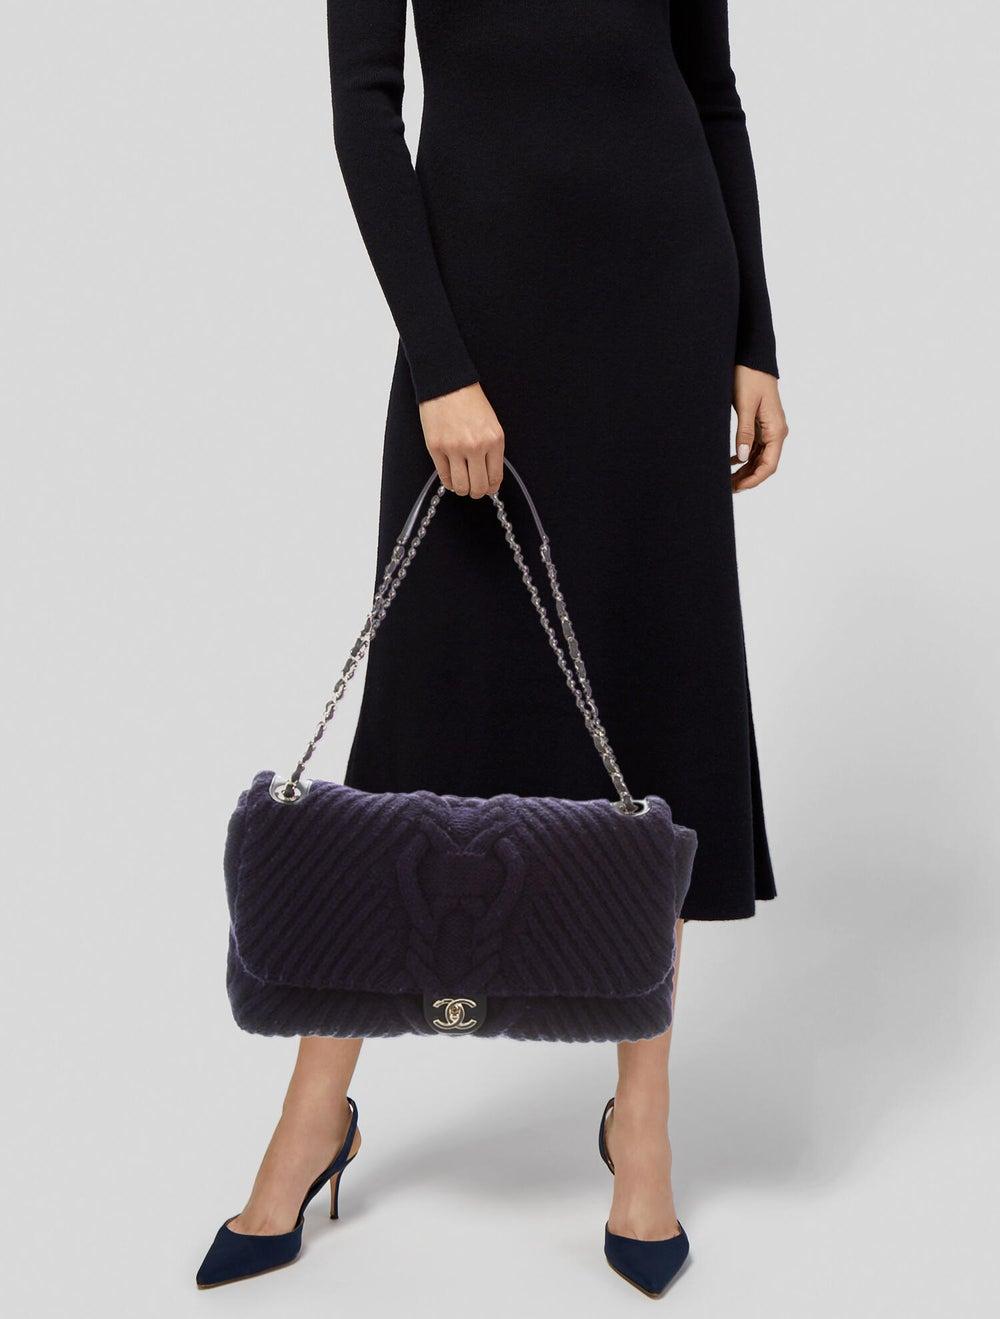 Chanel Paris-Hamburg Cable Knit Flap Bag Blue - image 2